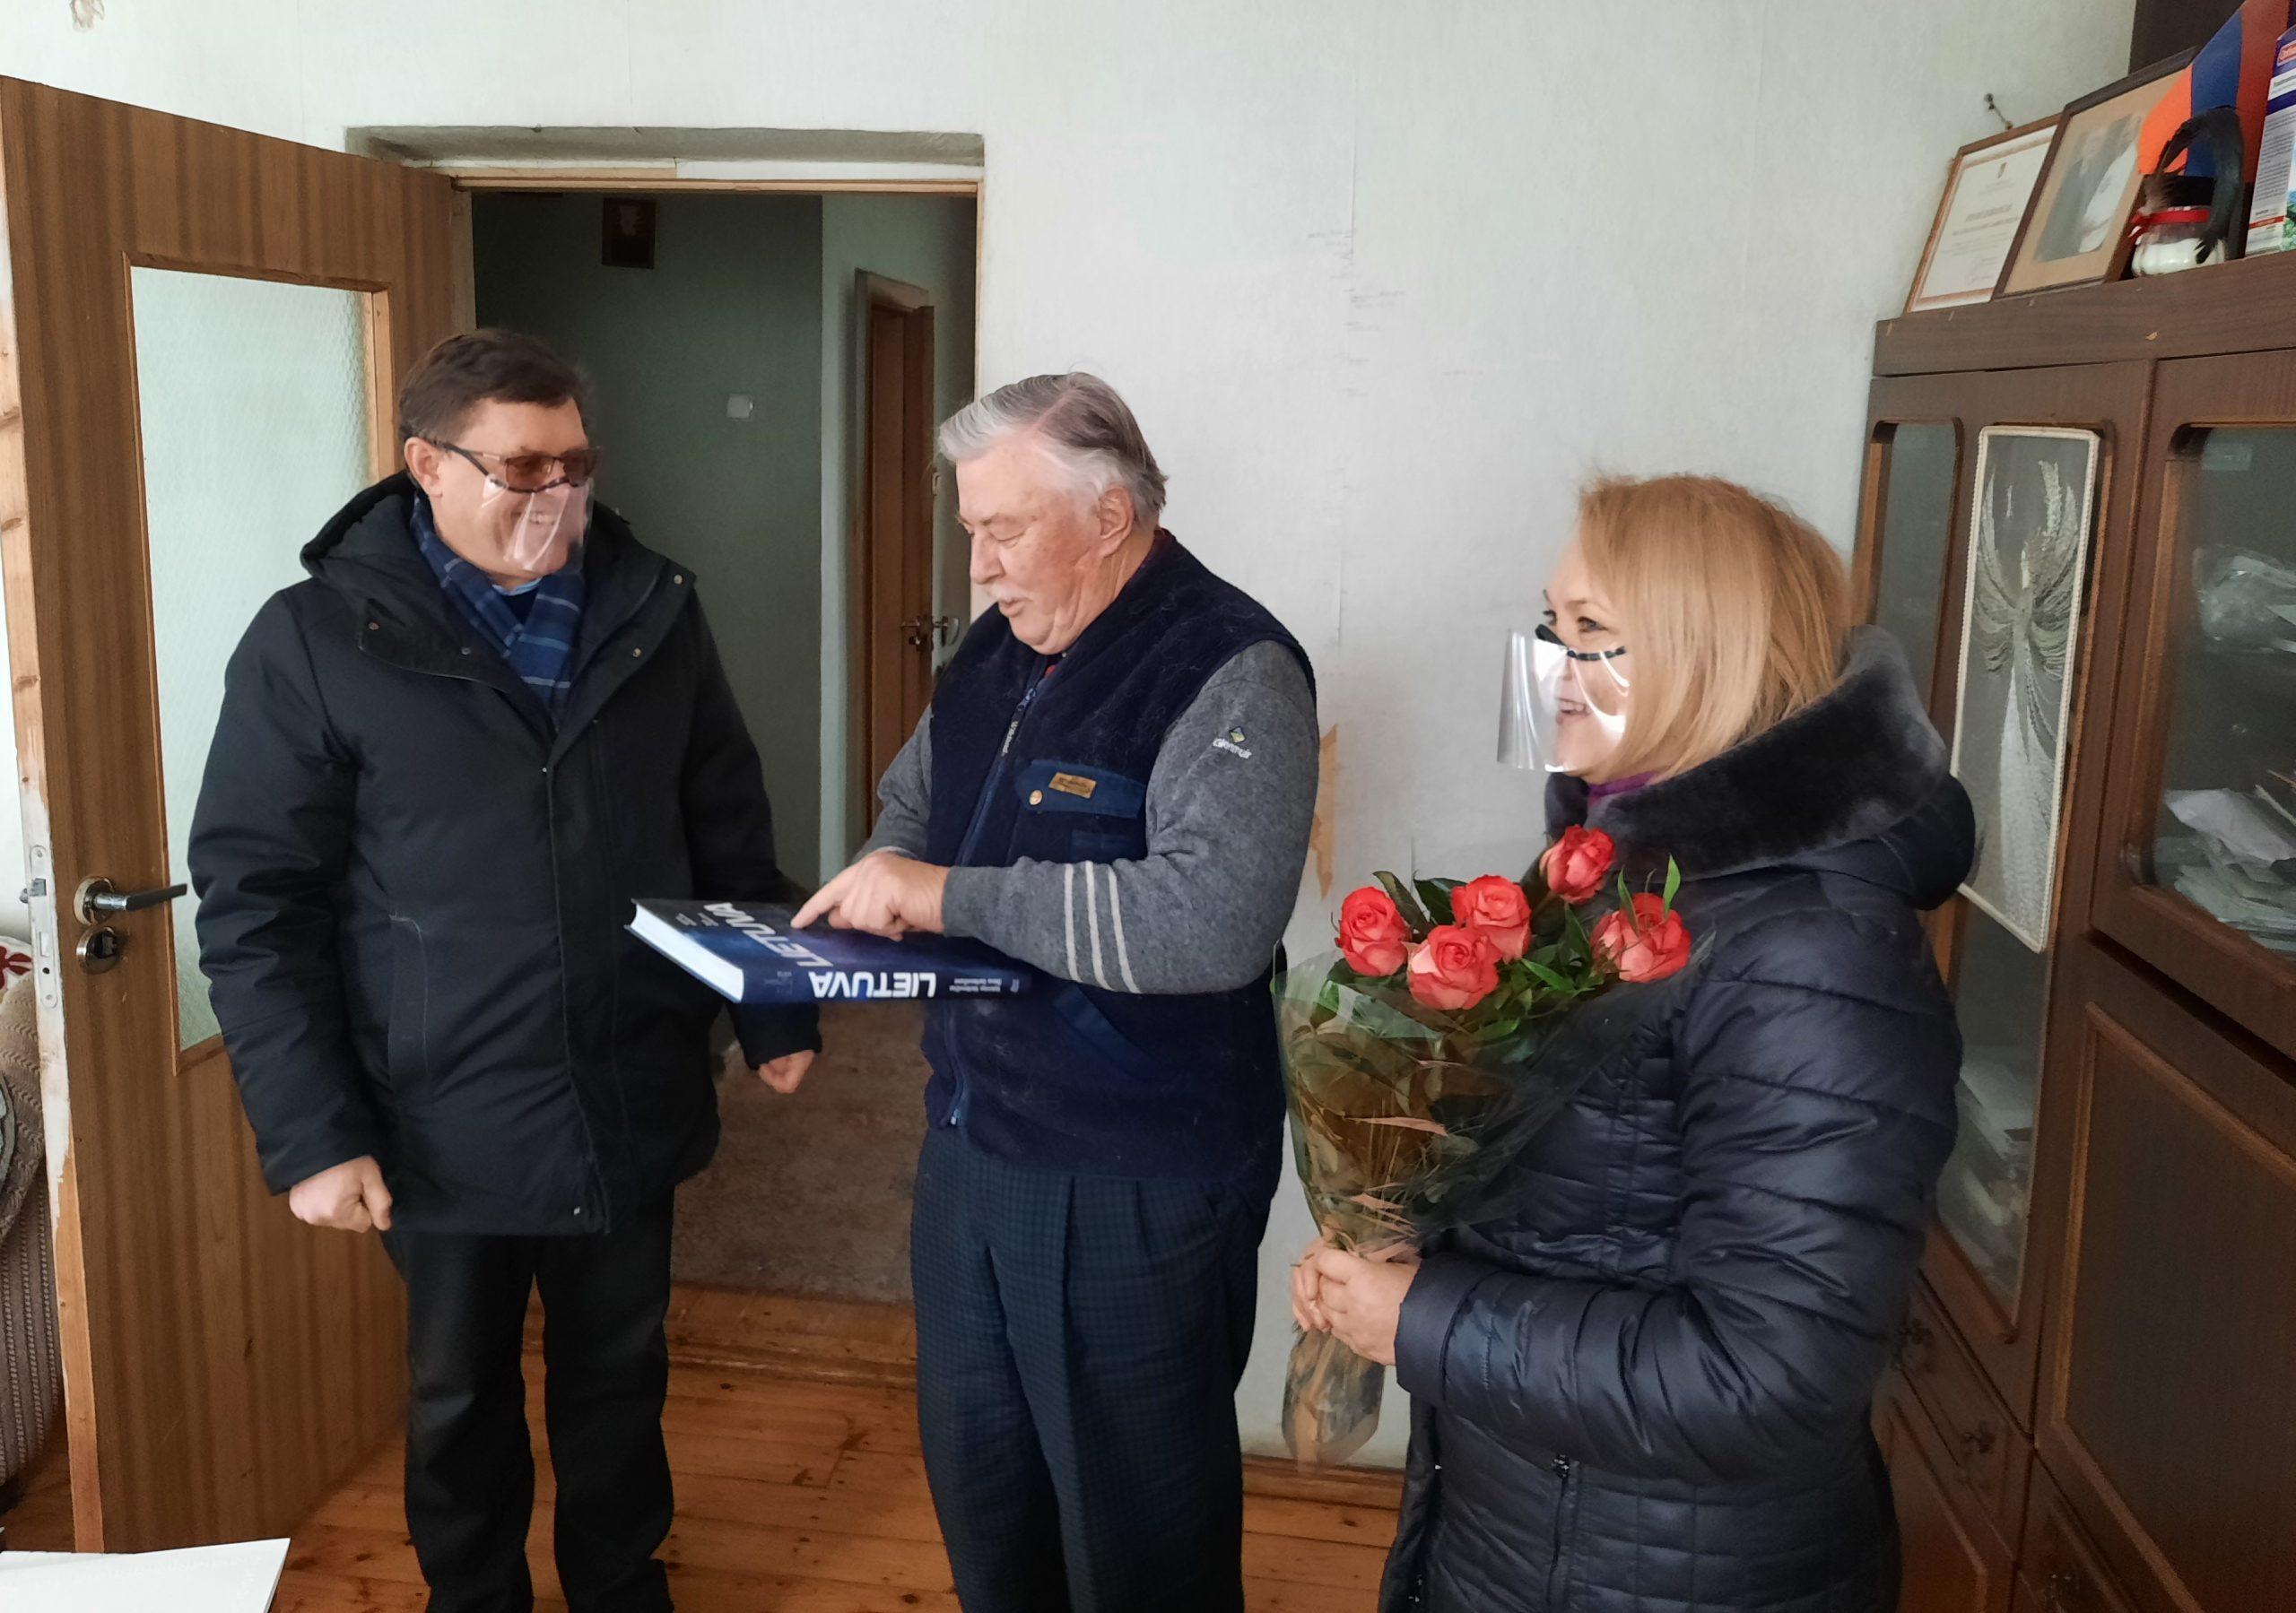 2021-02-14 Tauragės garbės piliečiui Jonui Liorančui –80 metų